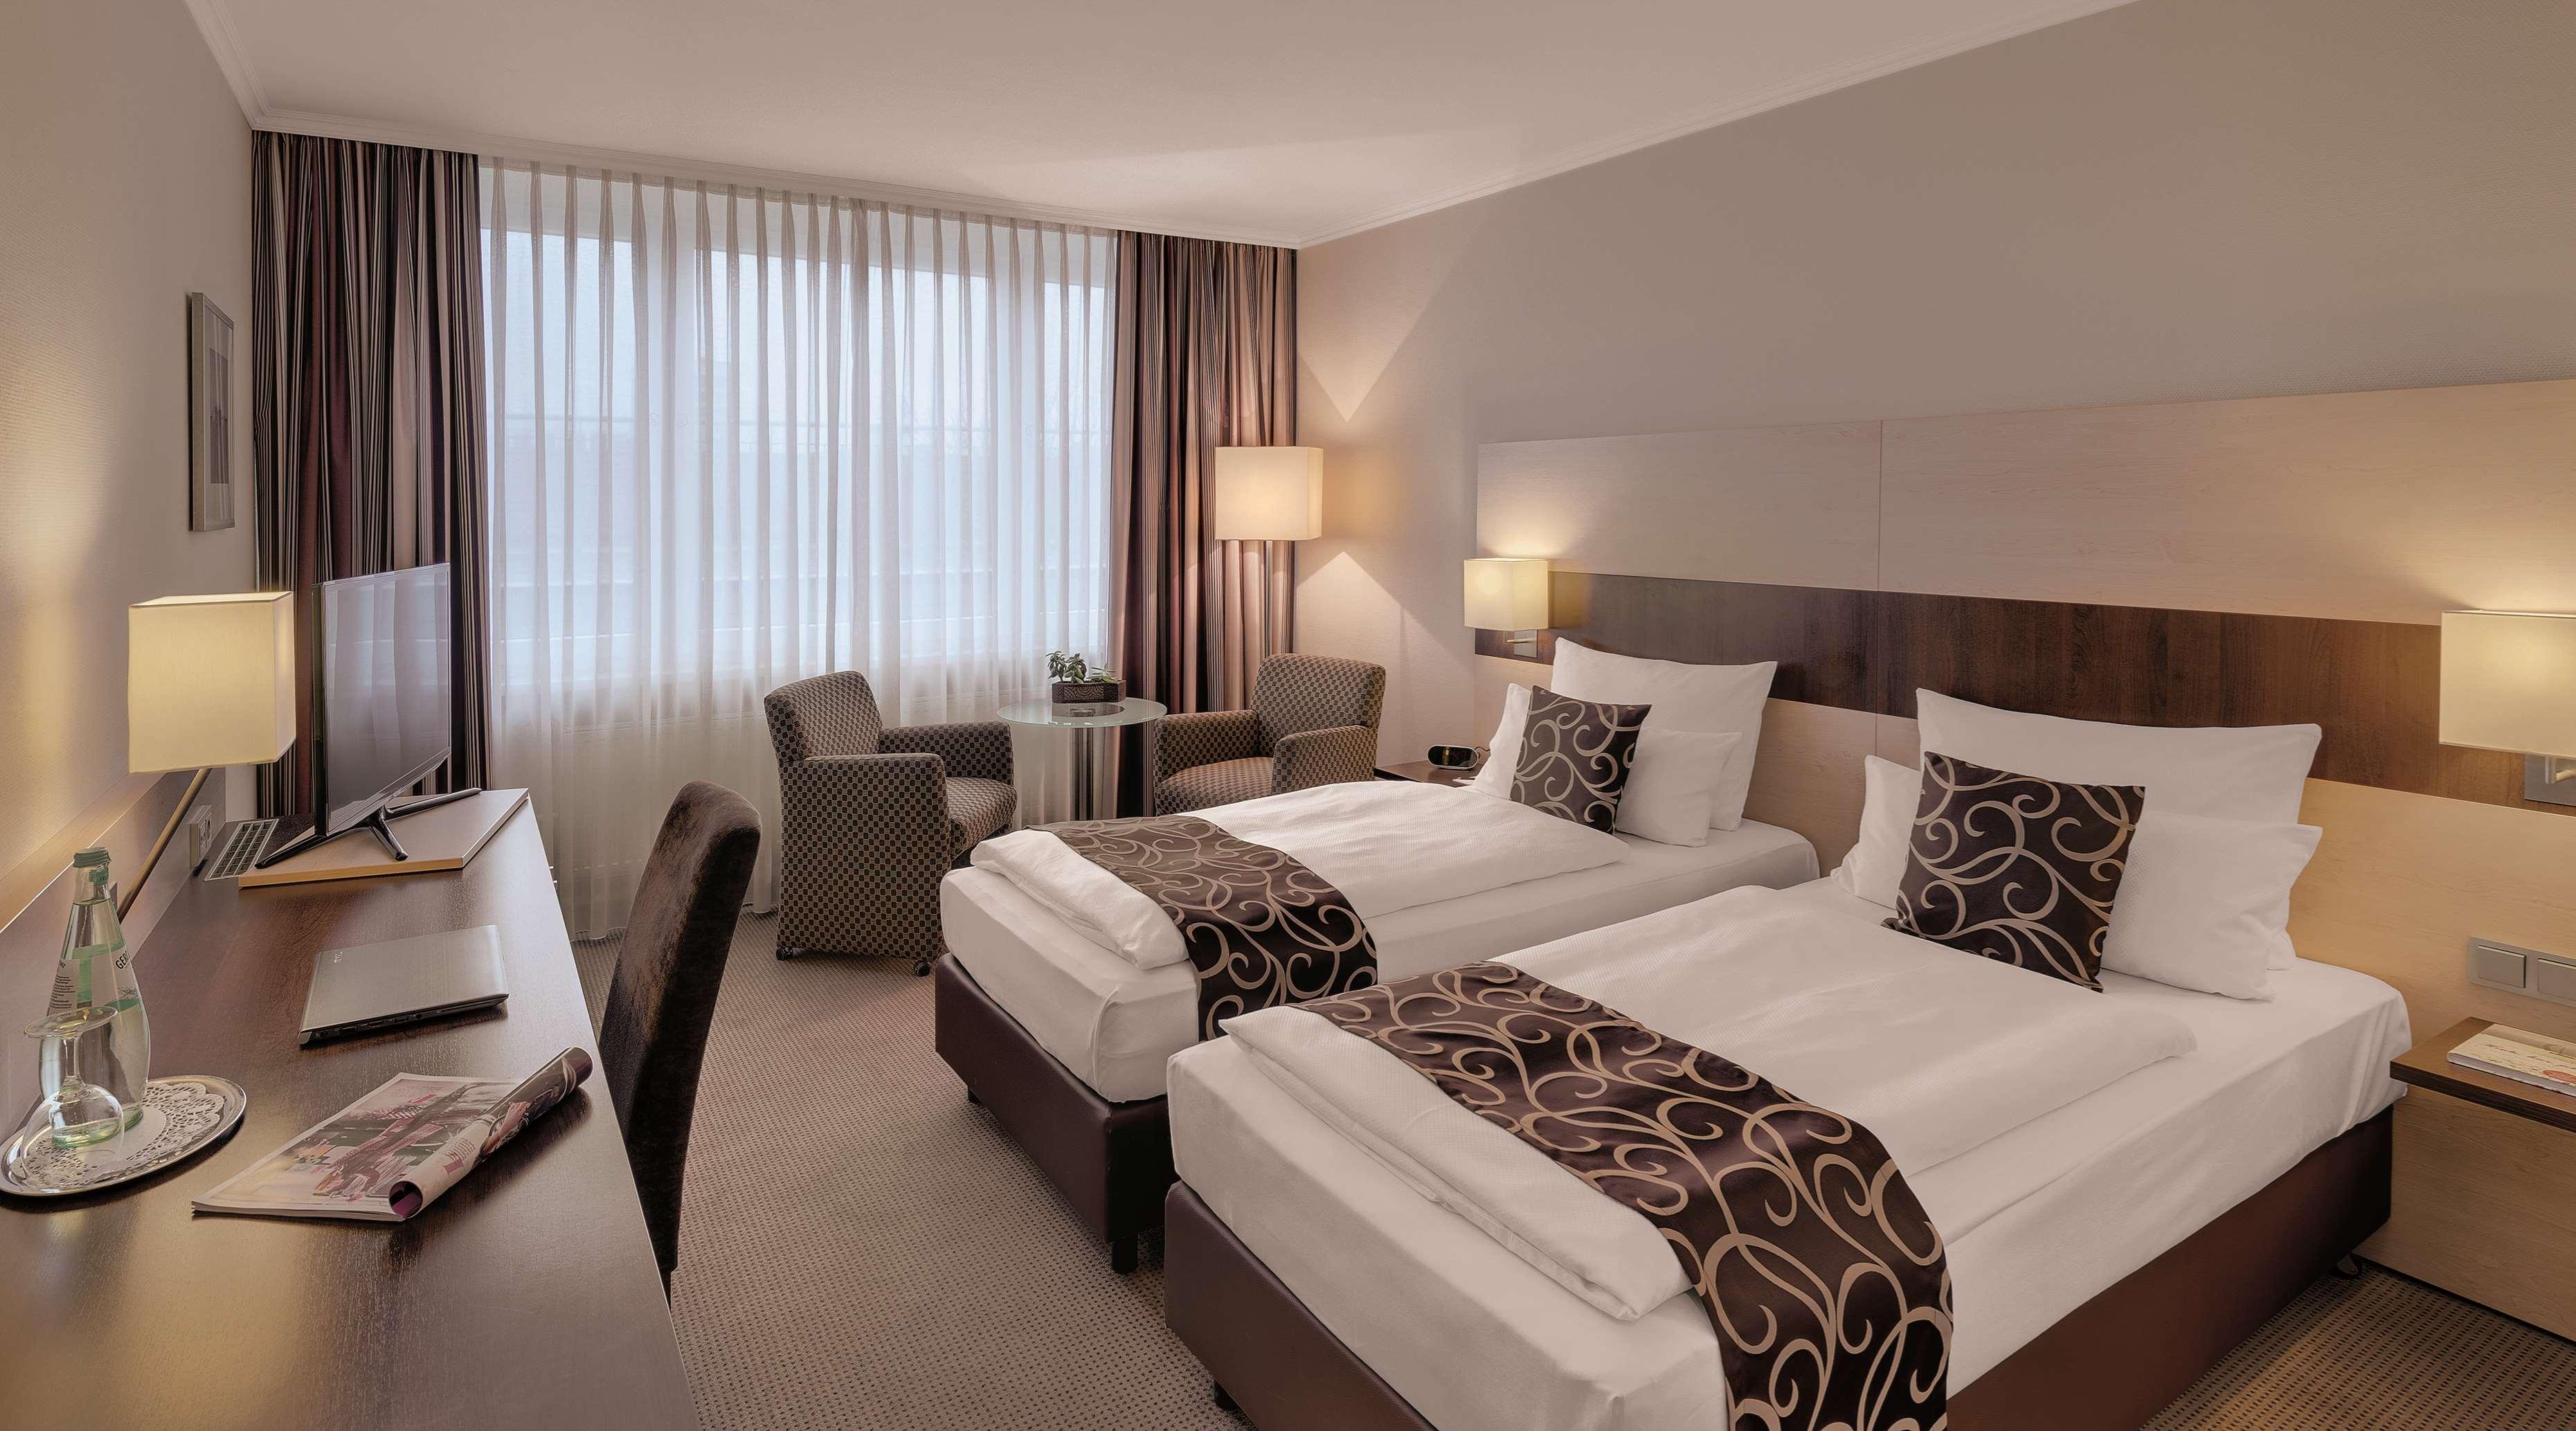 best western ffnungszeiten best western grafenstra e. Black Bedroom Furniture Sets. Home Design Ideas